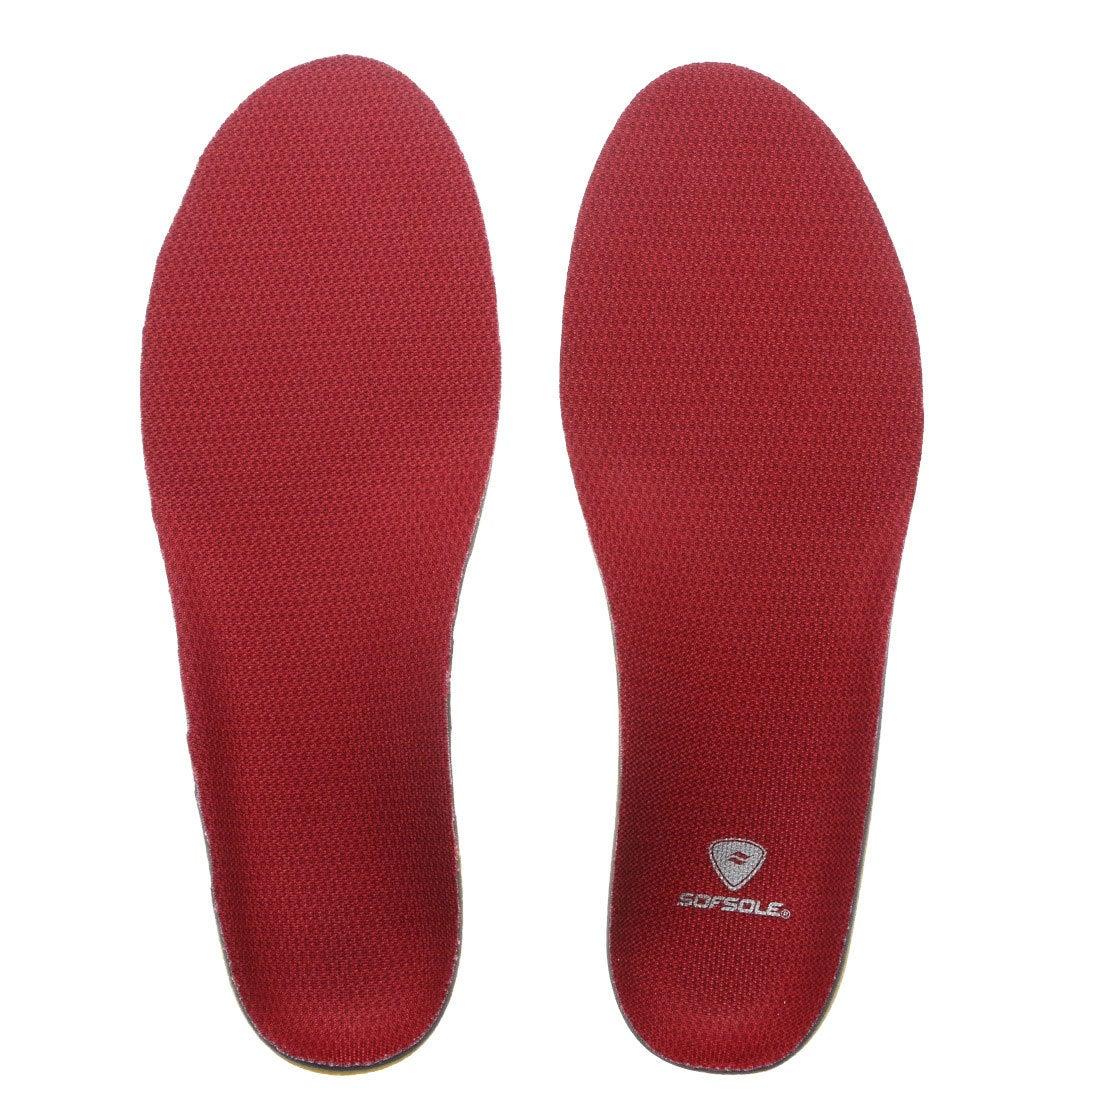 ロコンド 靴とファッションの通販サイトソフソール Sof Sole ユニセックス インソール アーチ男性用 11125